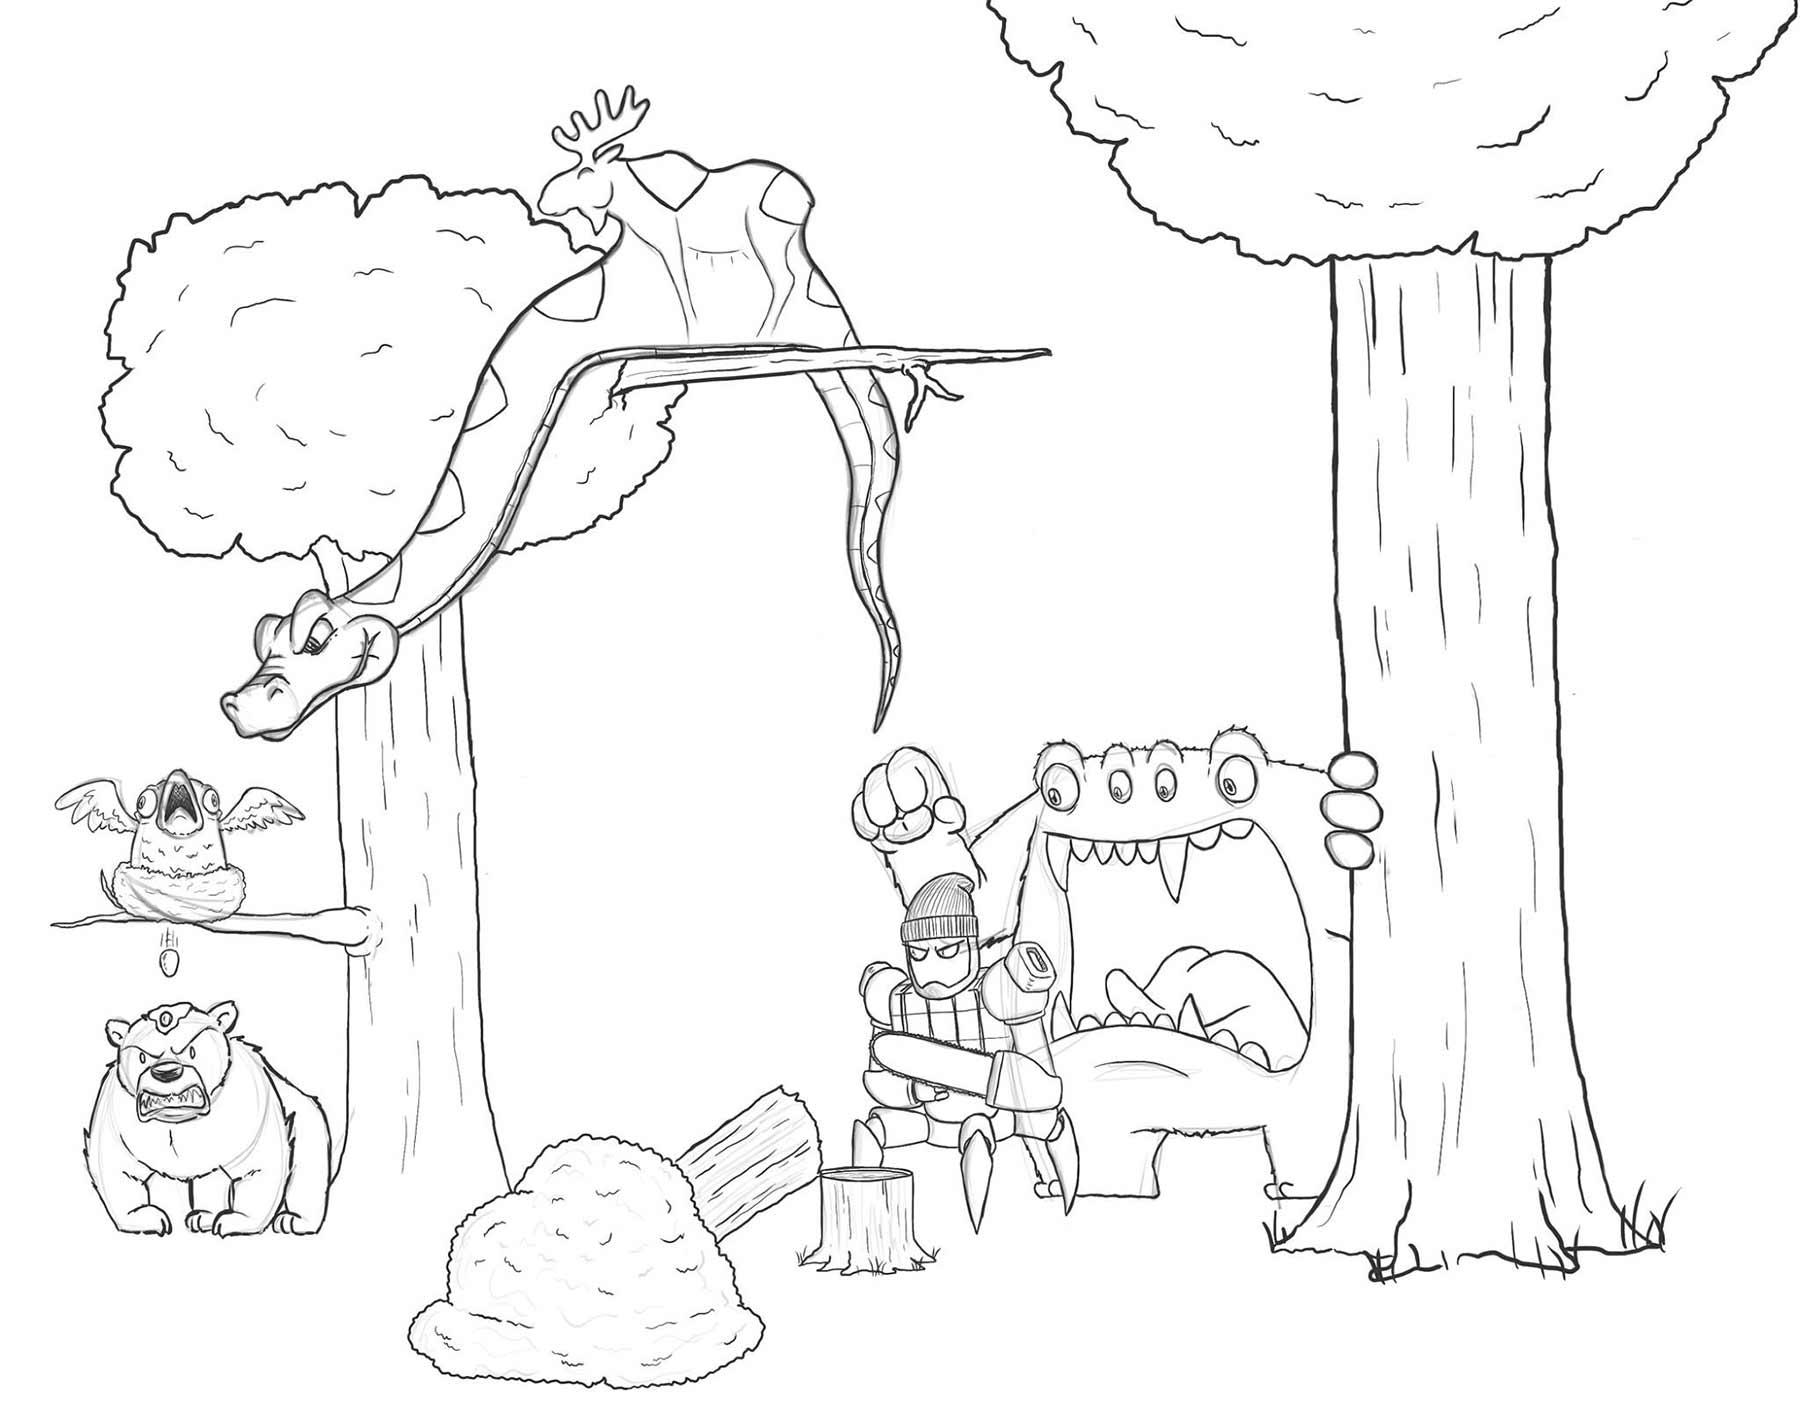 Eric Keledjian hat dieser Zeichnung jeden Tag eine Figur hinzugefügt Eric-Keledjian_19-tage-zeichnung_06